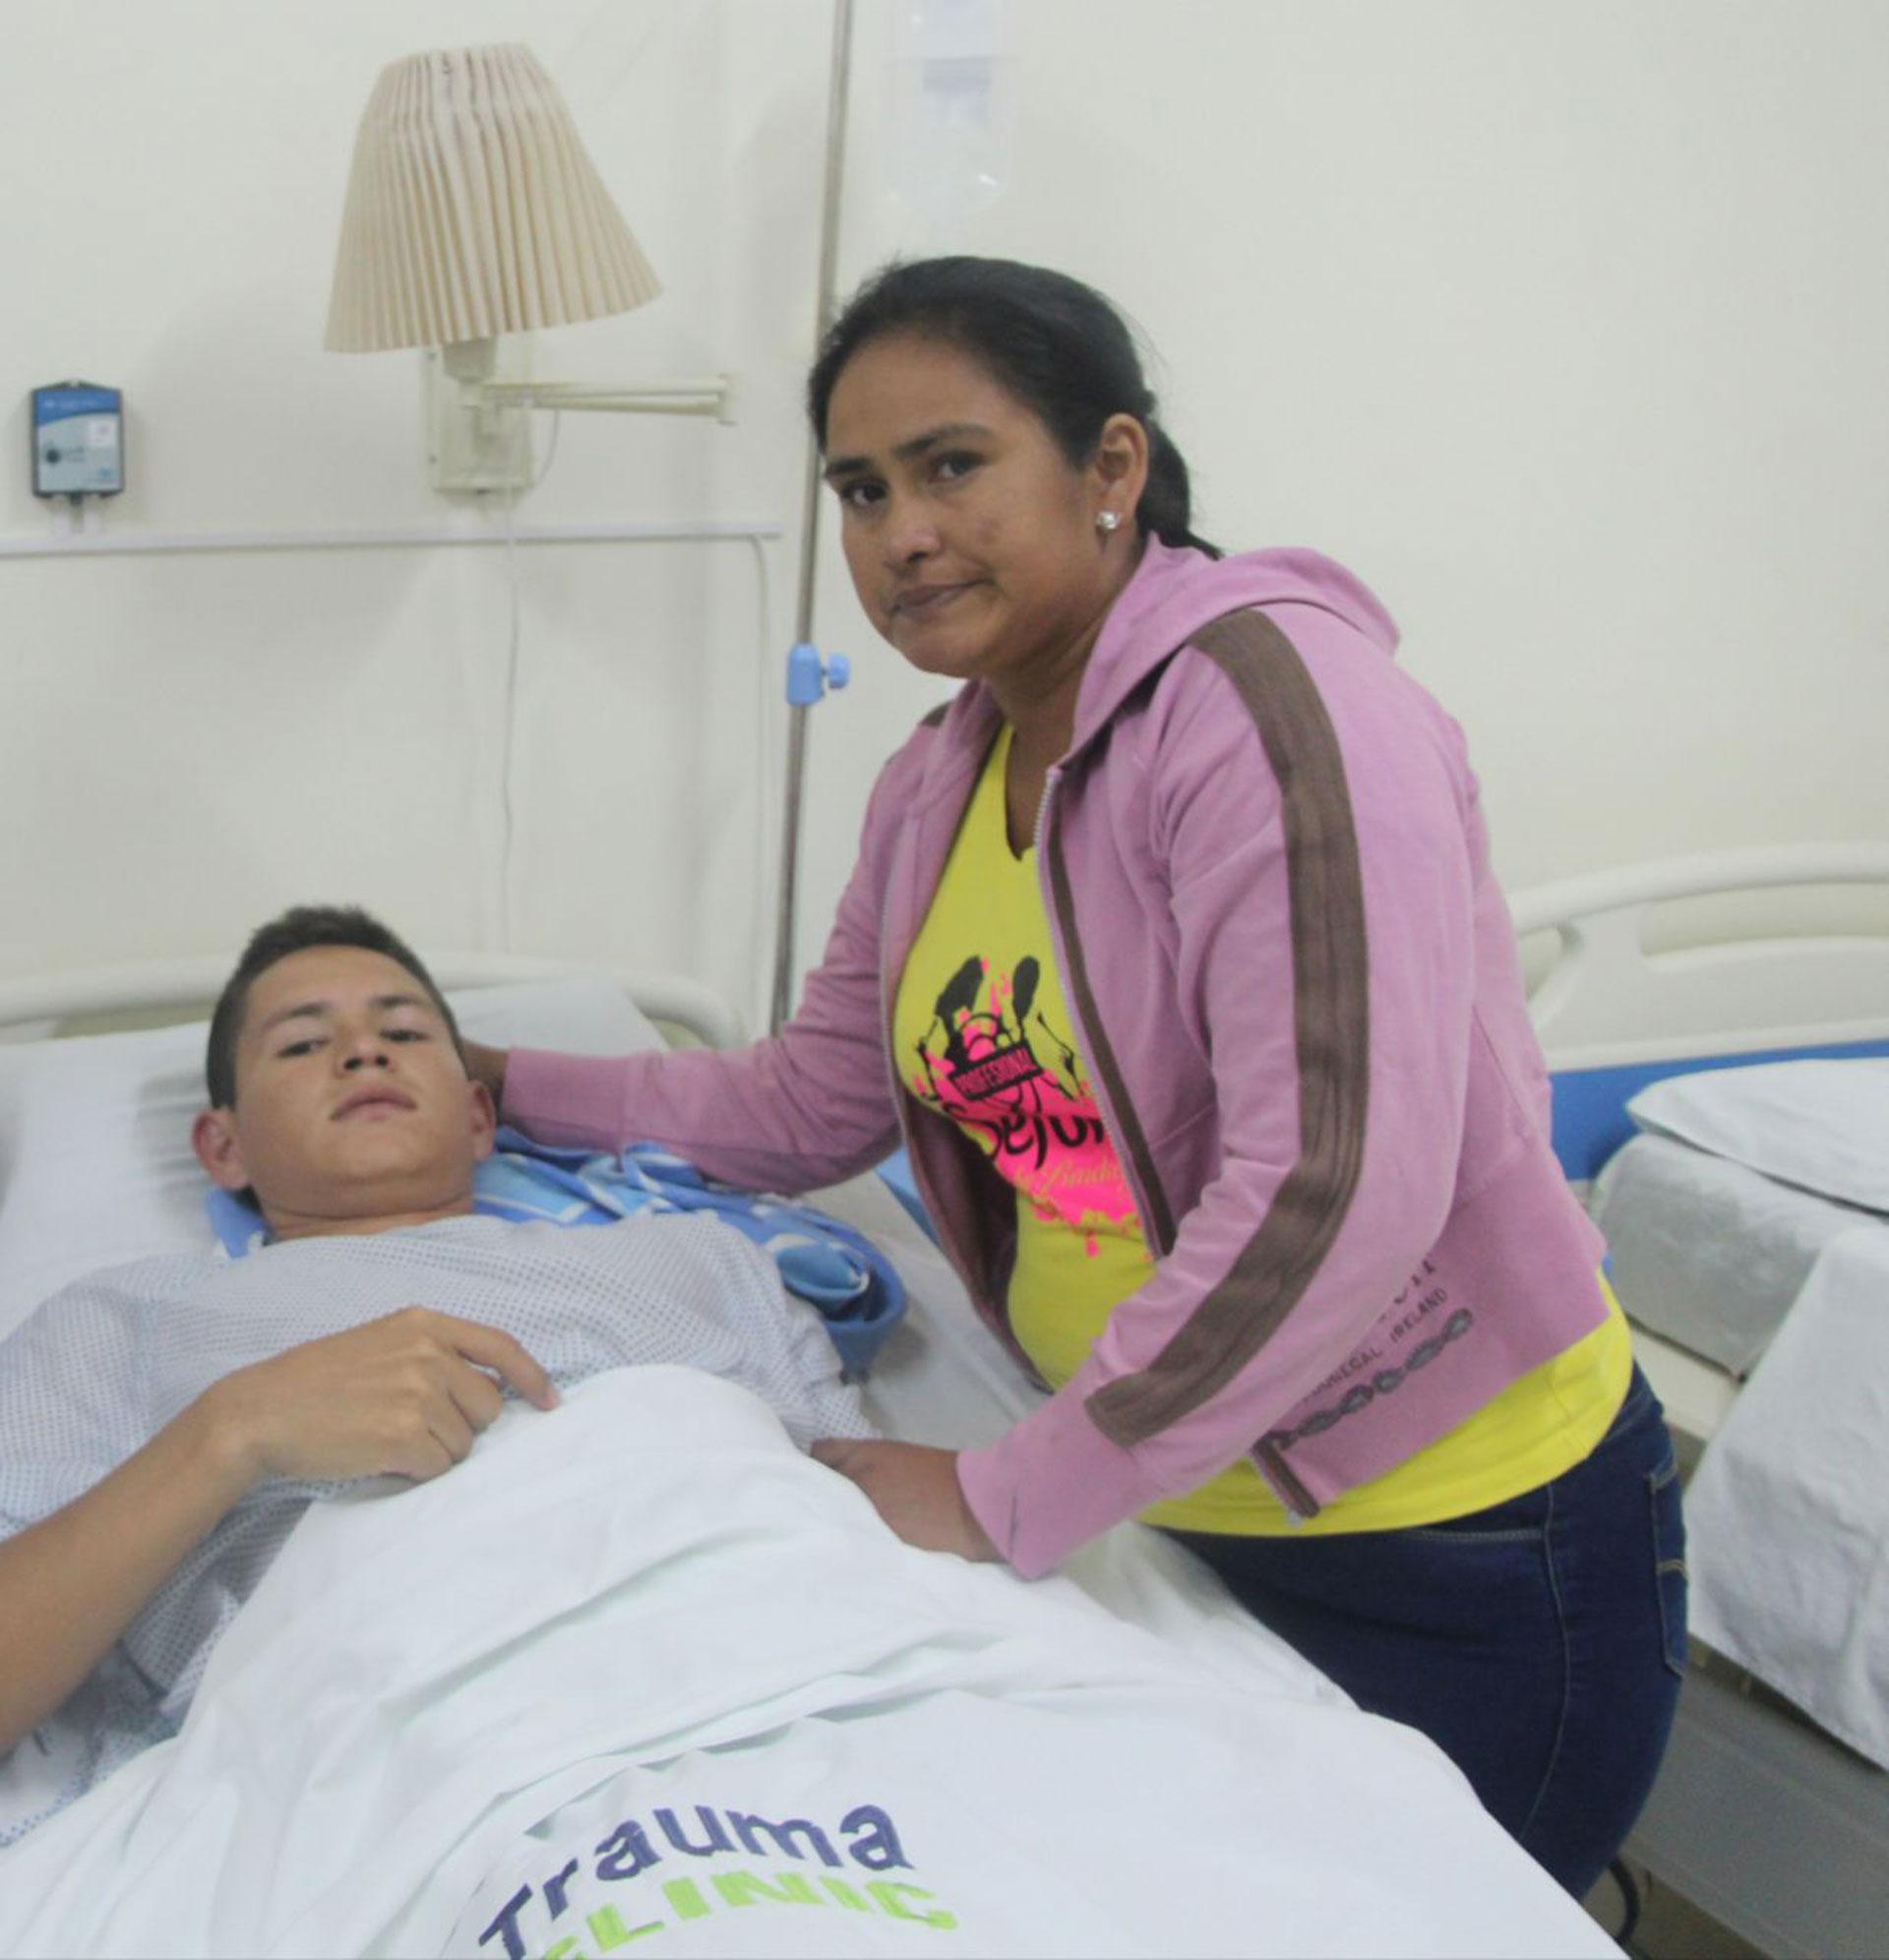 El futbolista ya fue operado y tendrá un largo proceso de recuperación